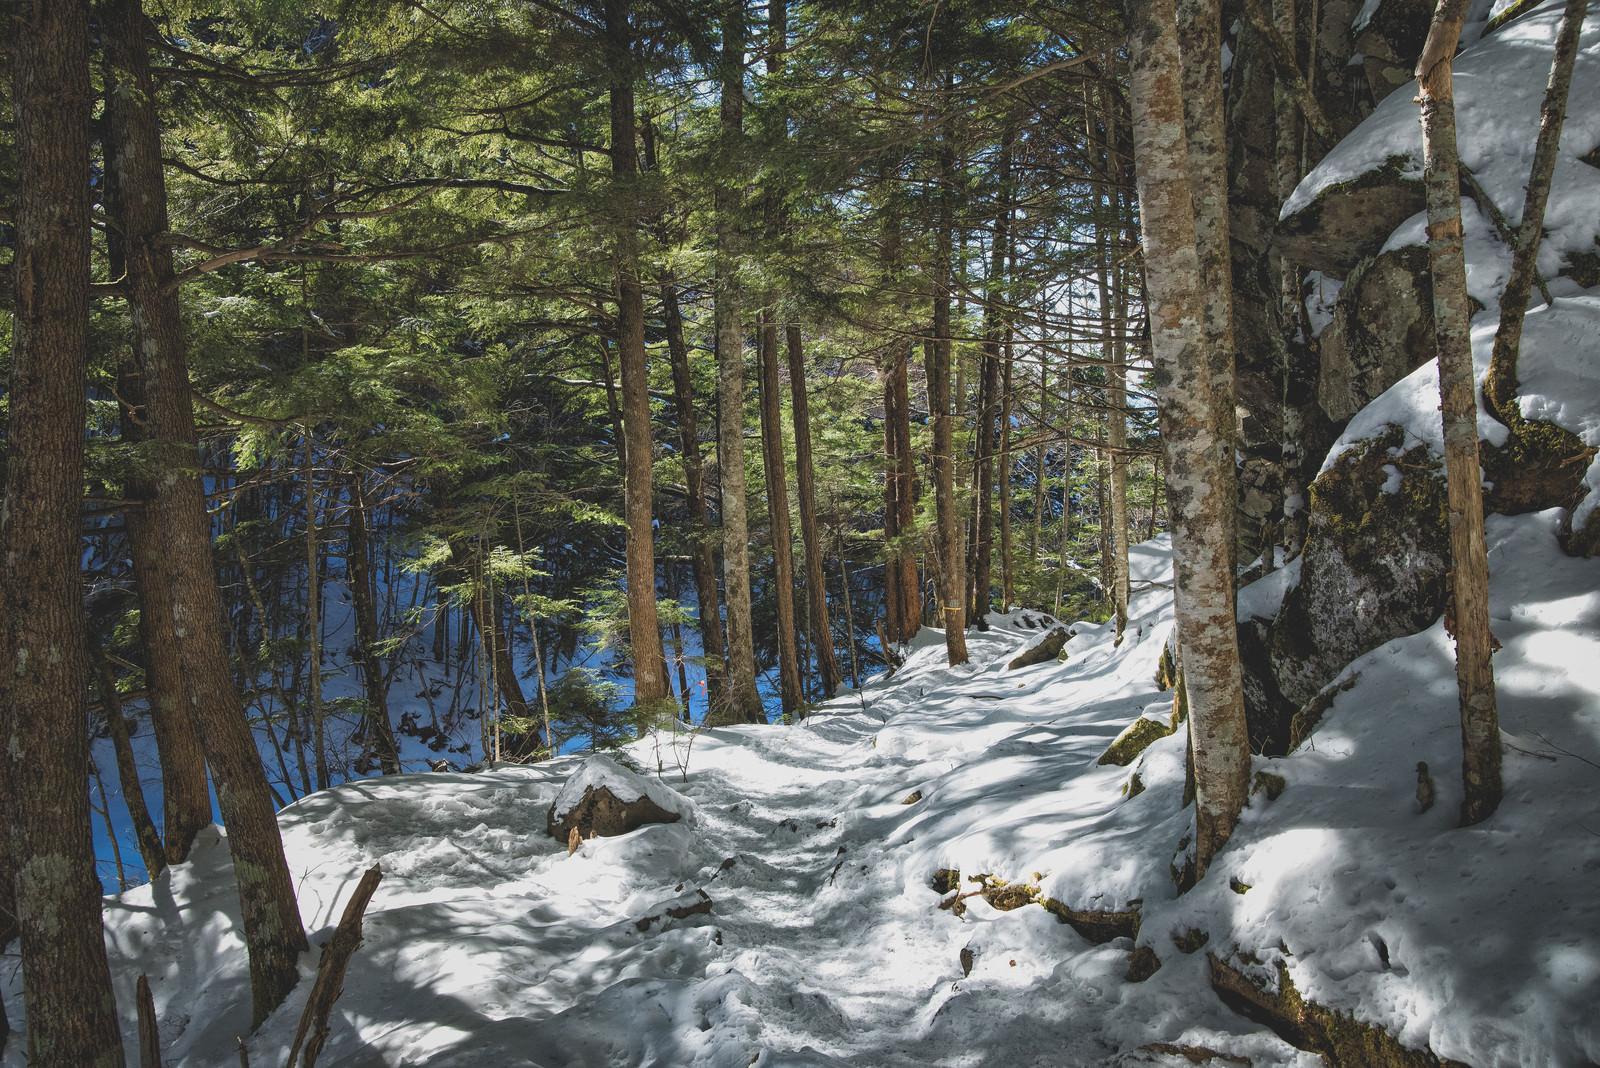 「木漏れ日さす残雪の森」の写真